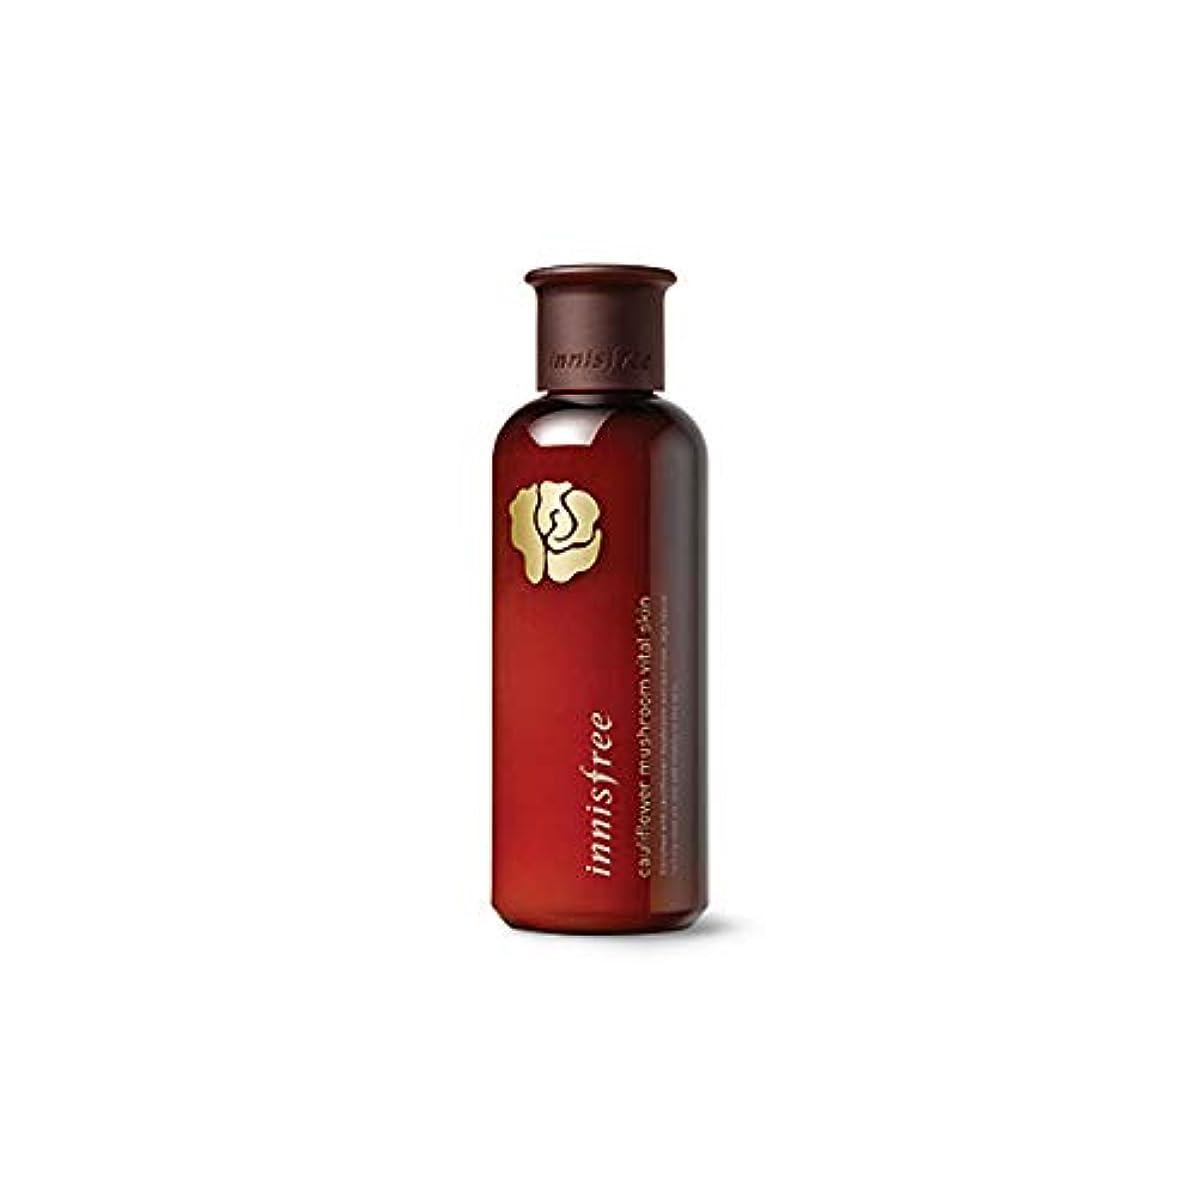 対苦しむ豊富な[イニスフリー]Innisfree カリフラワー マッシュルーム バイタルスキン200ml Innisfree Cauliflower Mushroom Vital Skin 200ml [海外直送品]